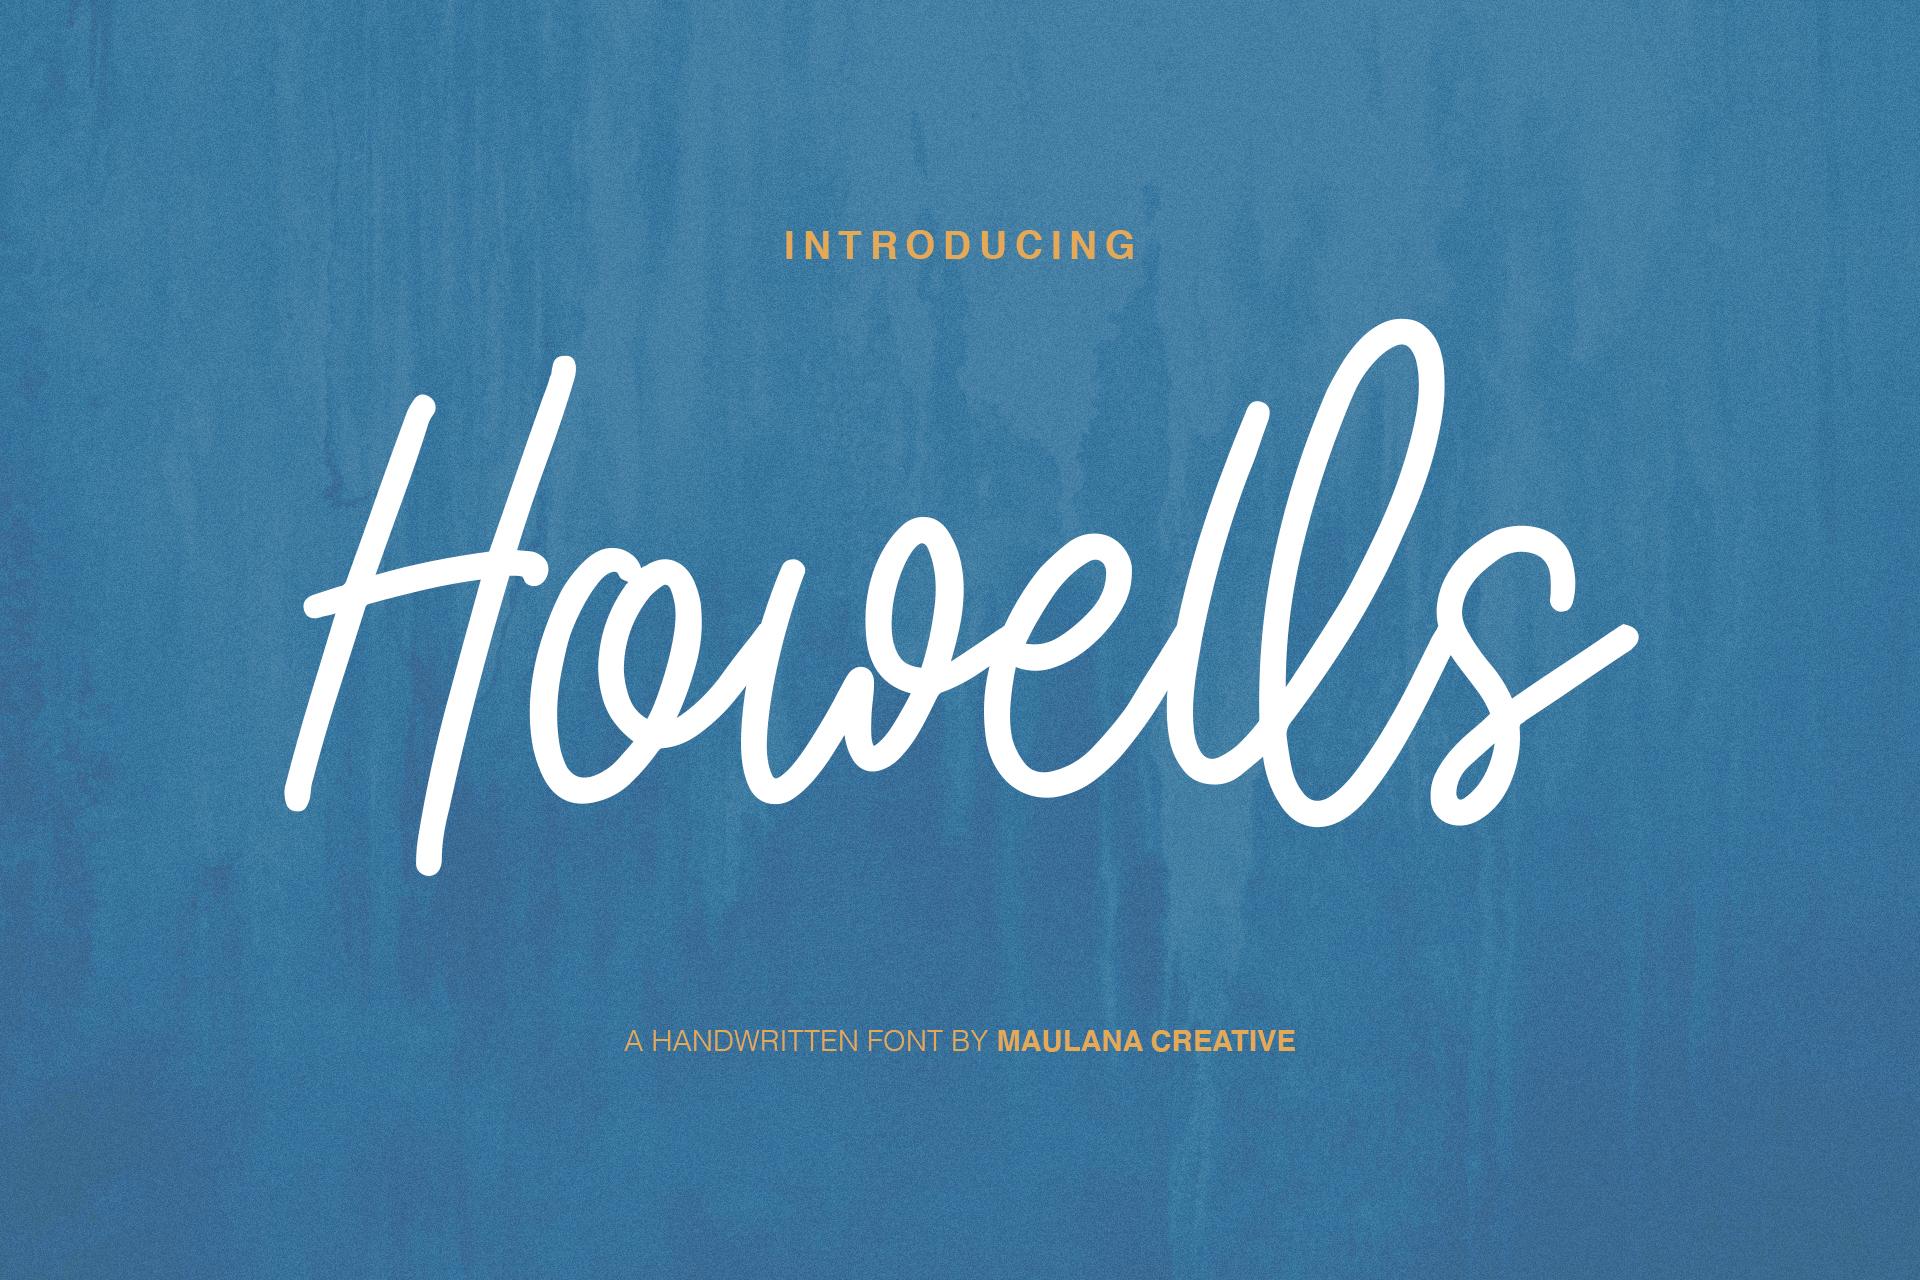 Howells Script Font example image 1